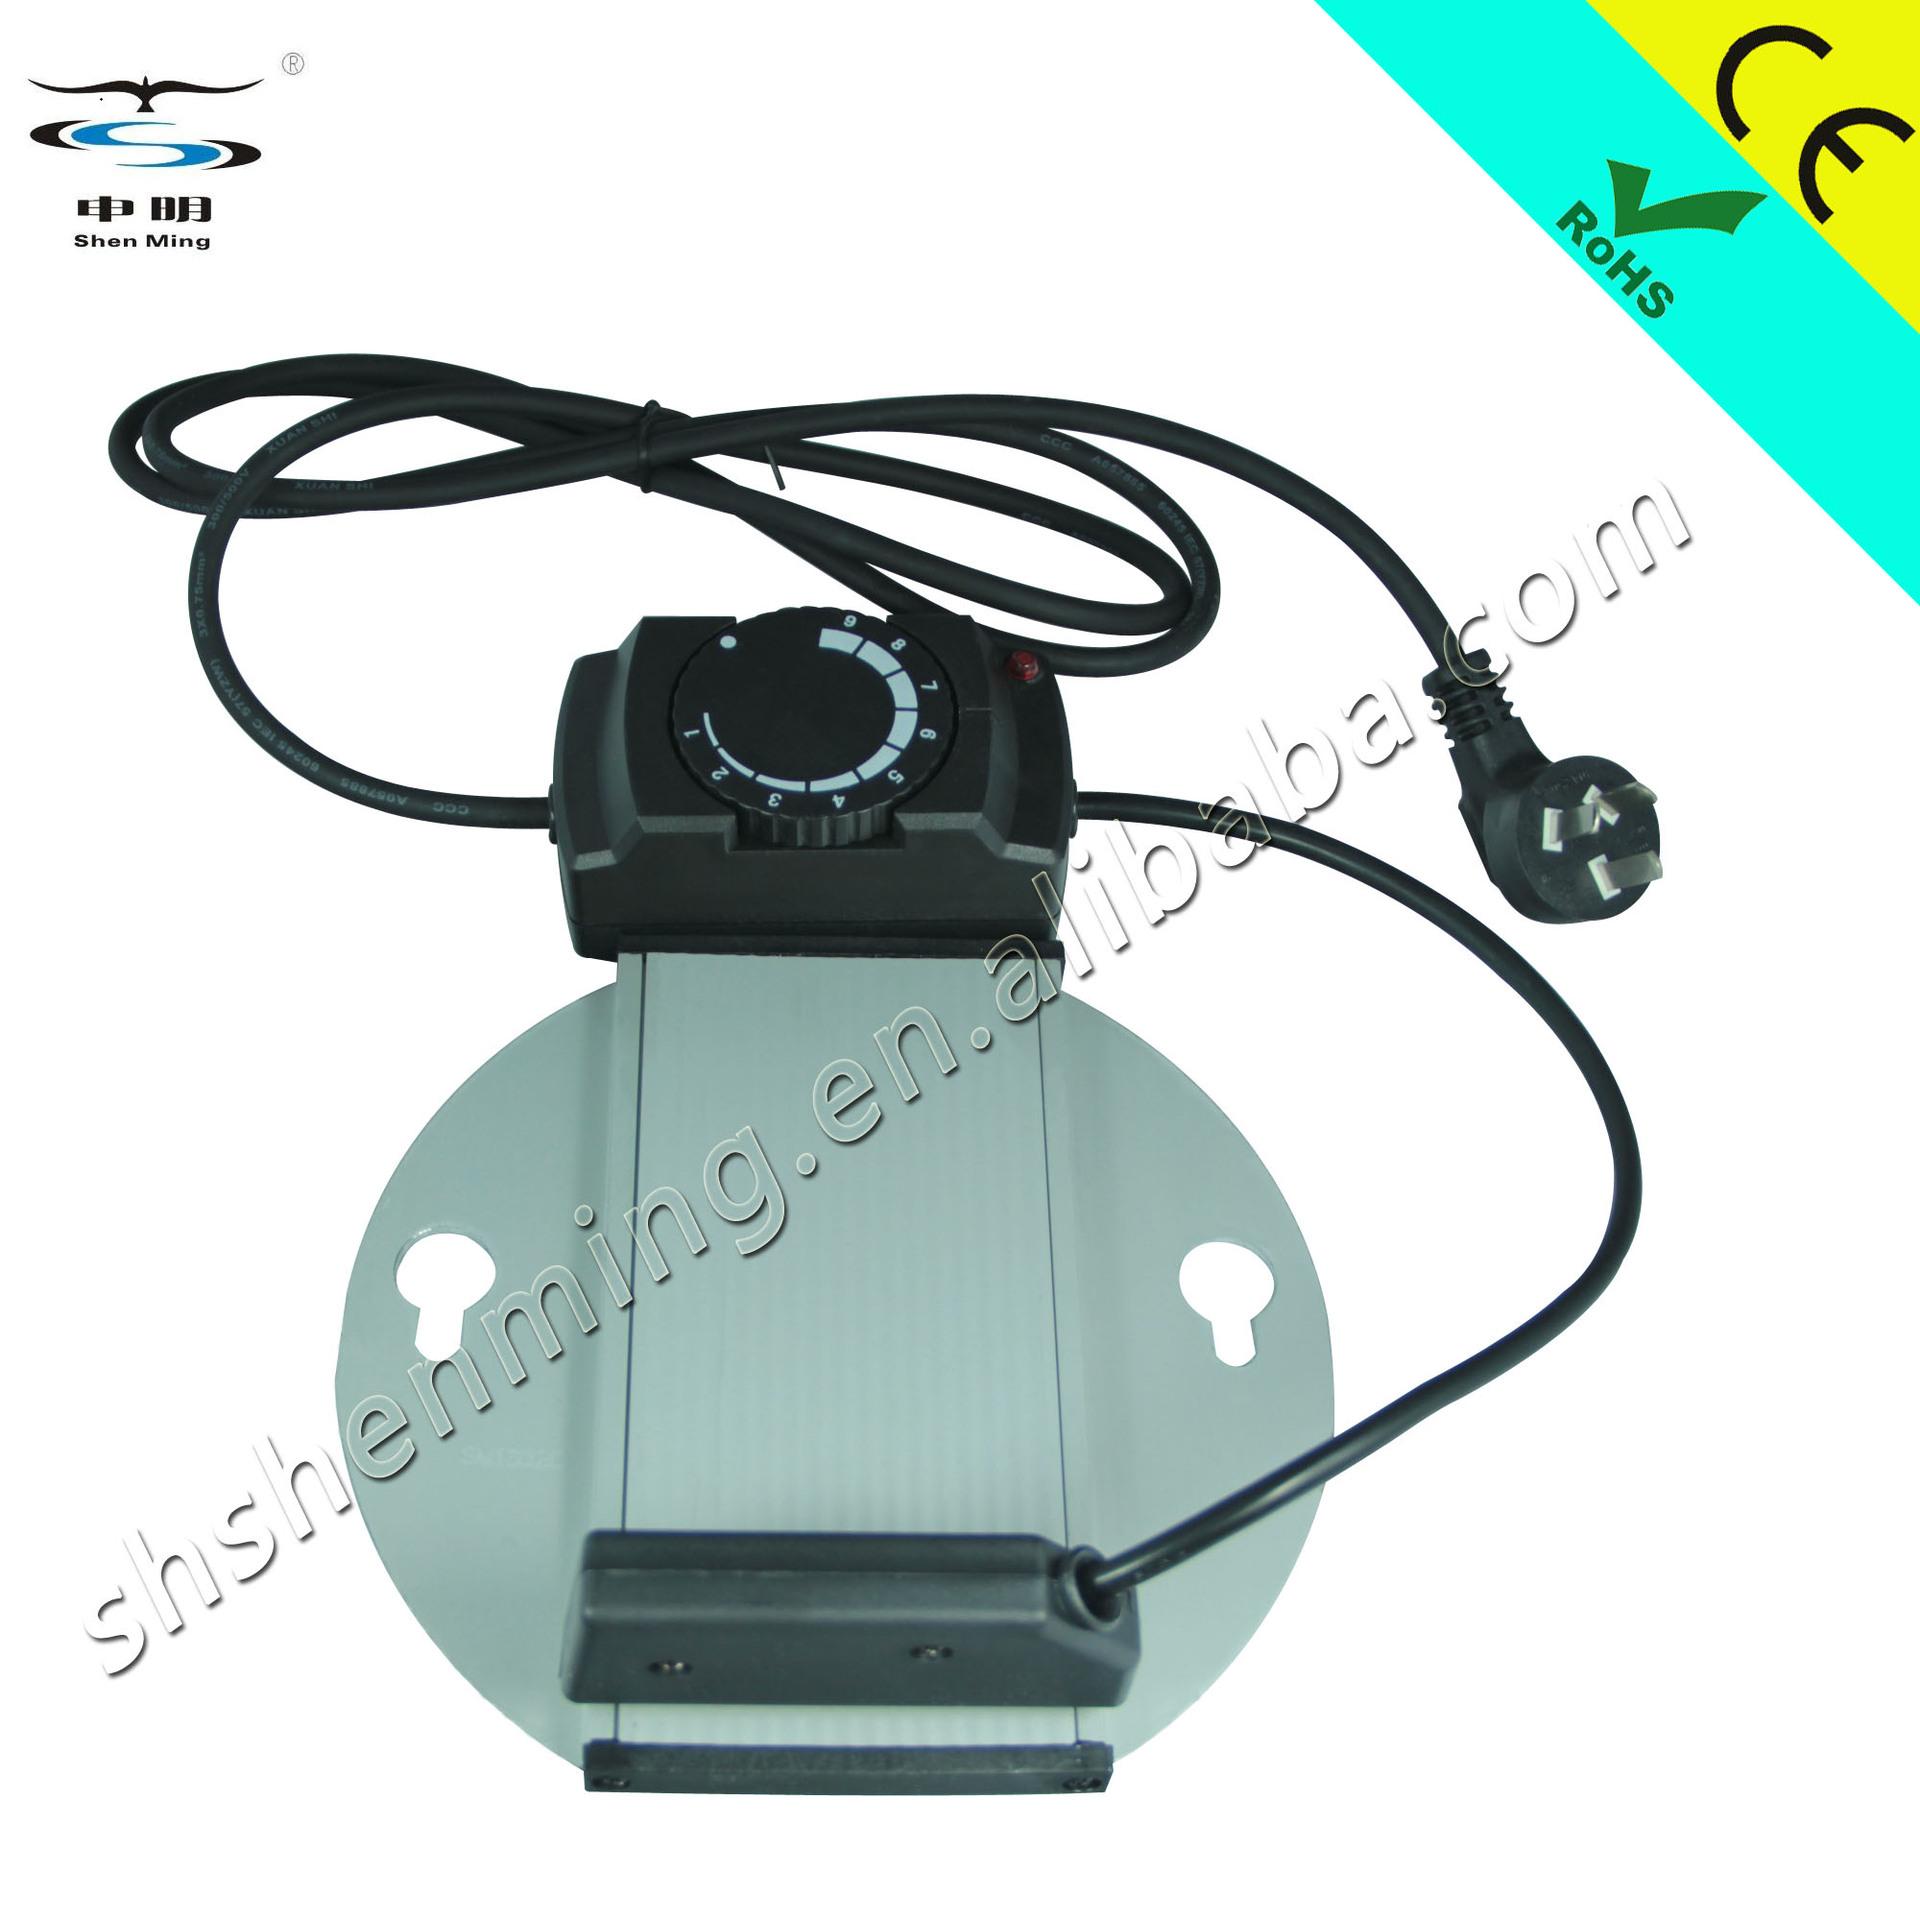 电热板 自助餐炉电加热器,酒店用品,餐饮设备图片_8